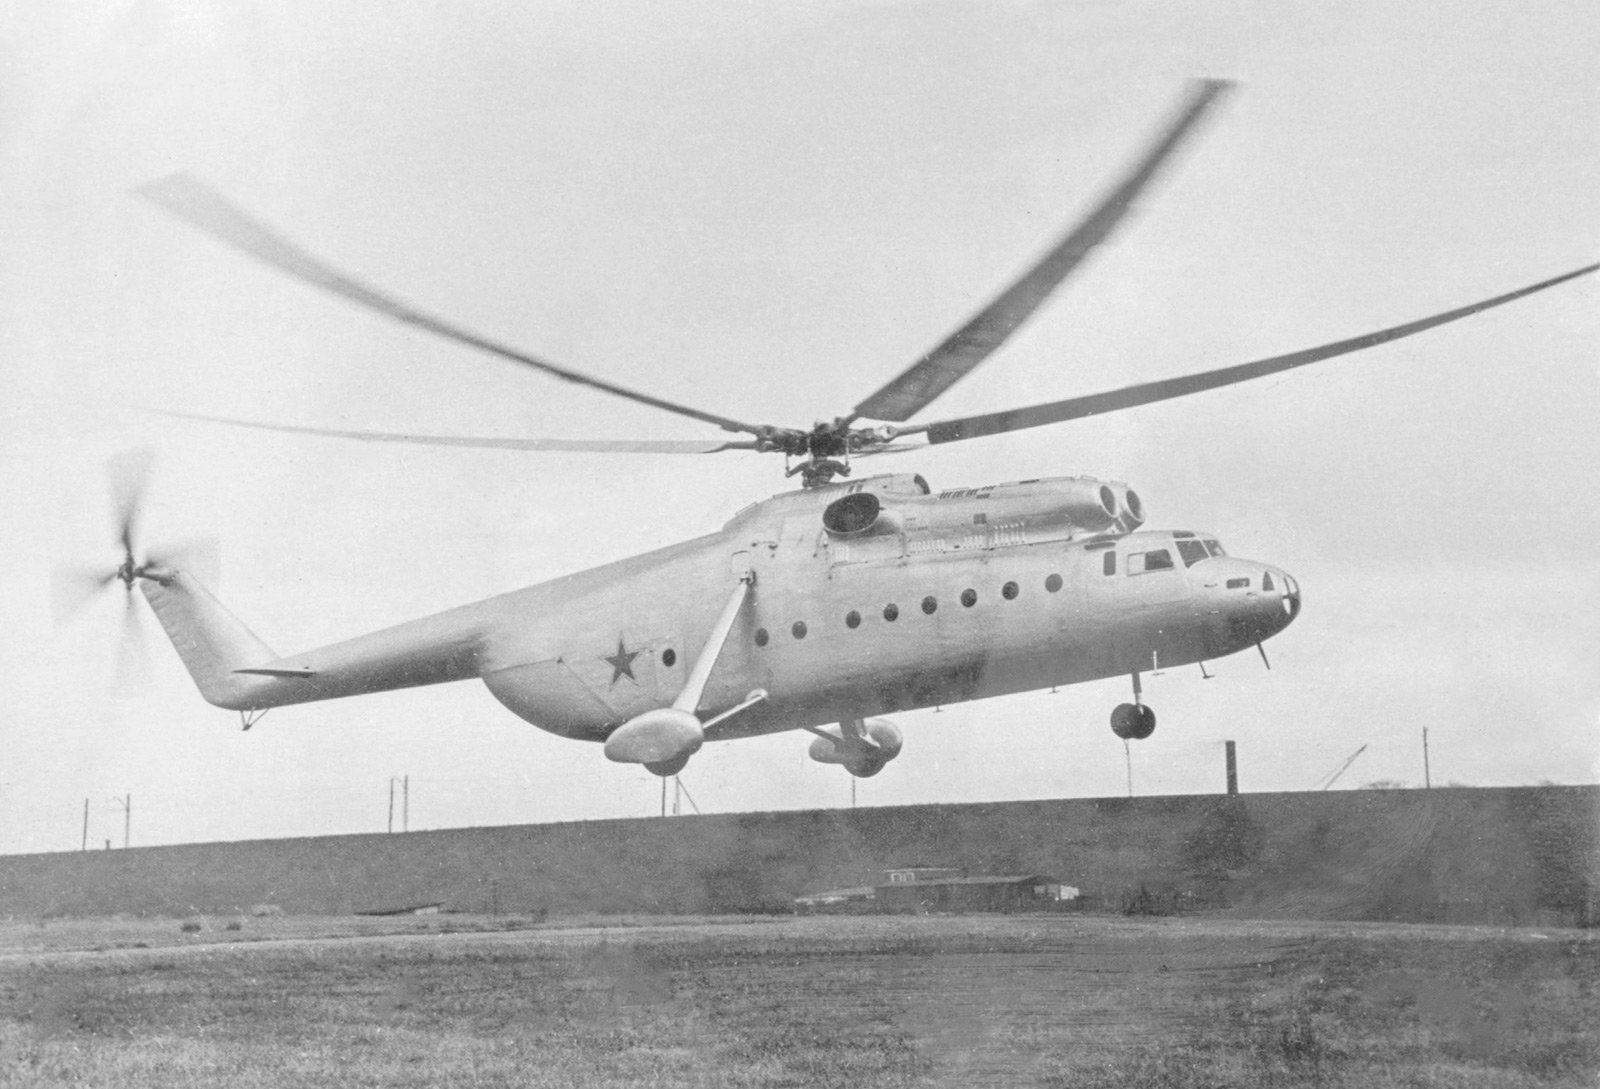 Вертолет Ми-6. Автор Б. Вдовенко. Октябрь 1957 года. Главархив Москвы